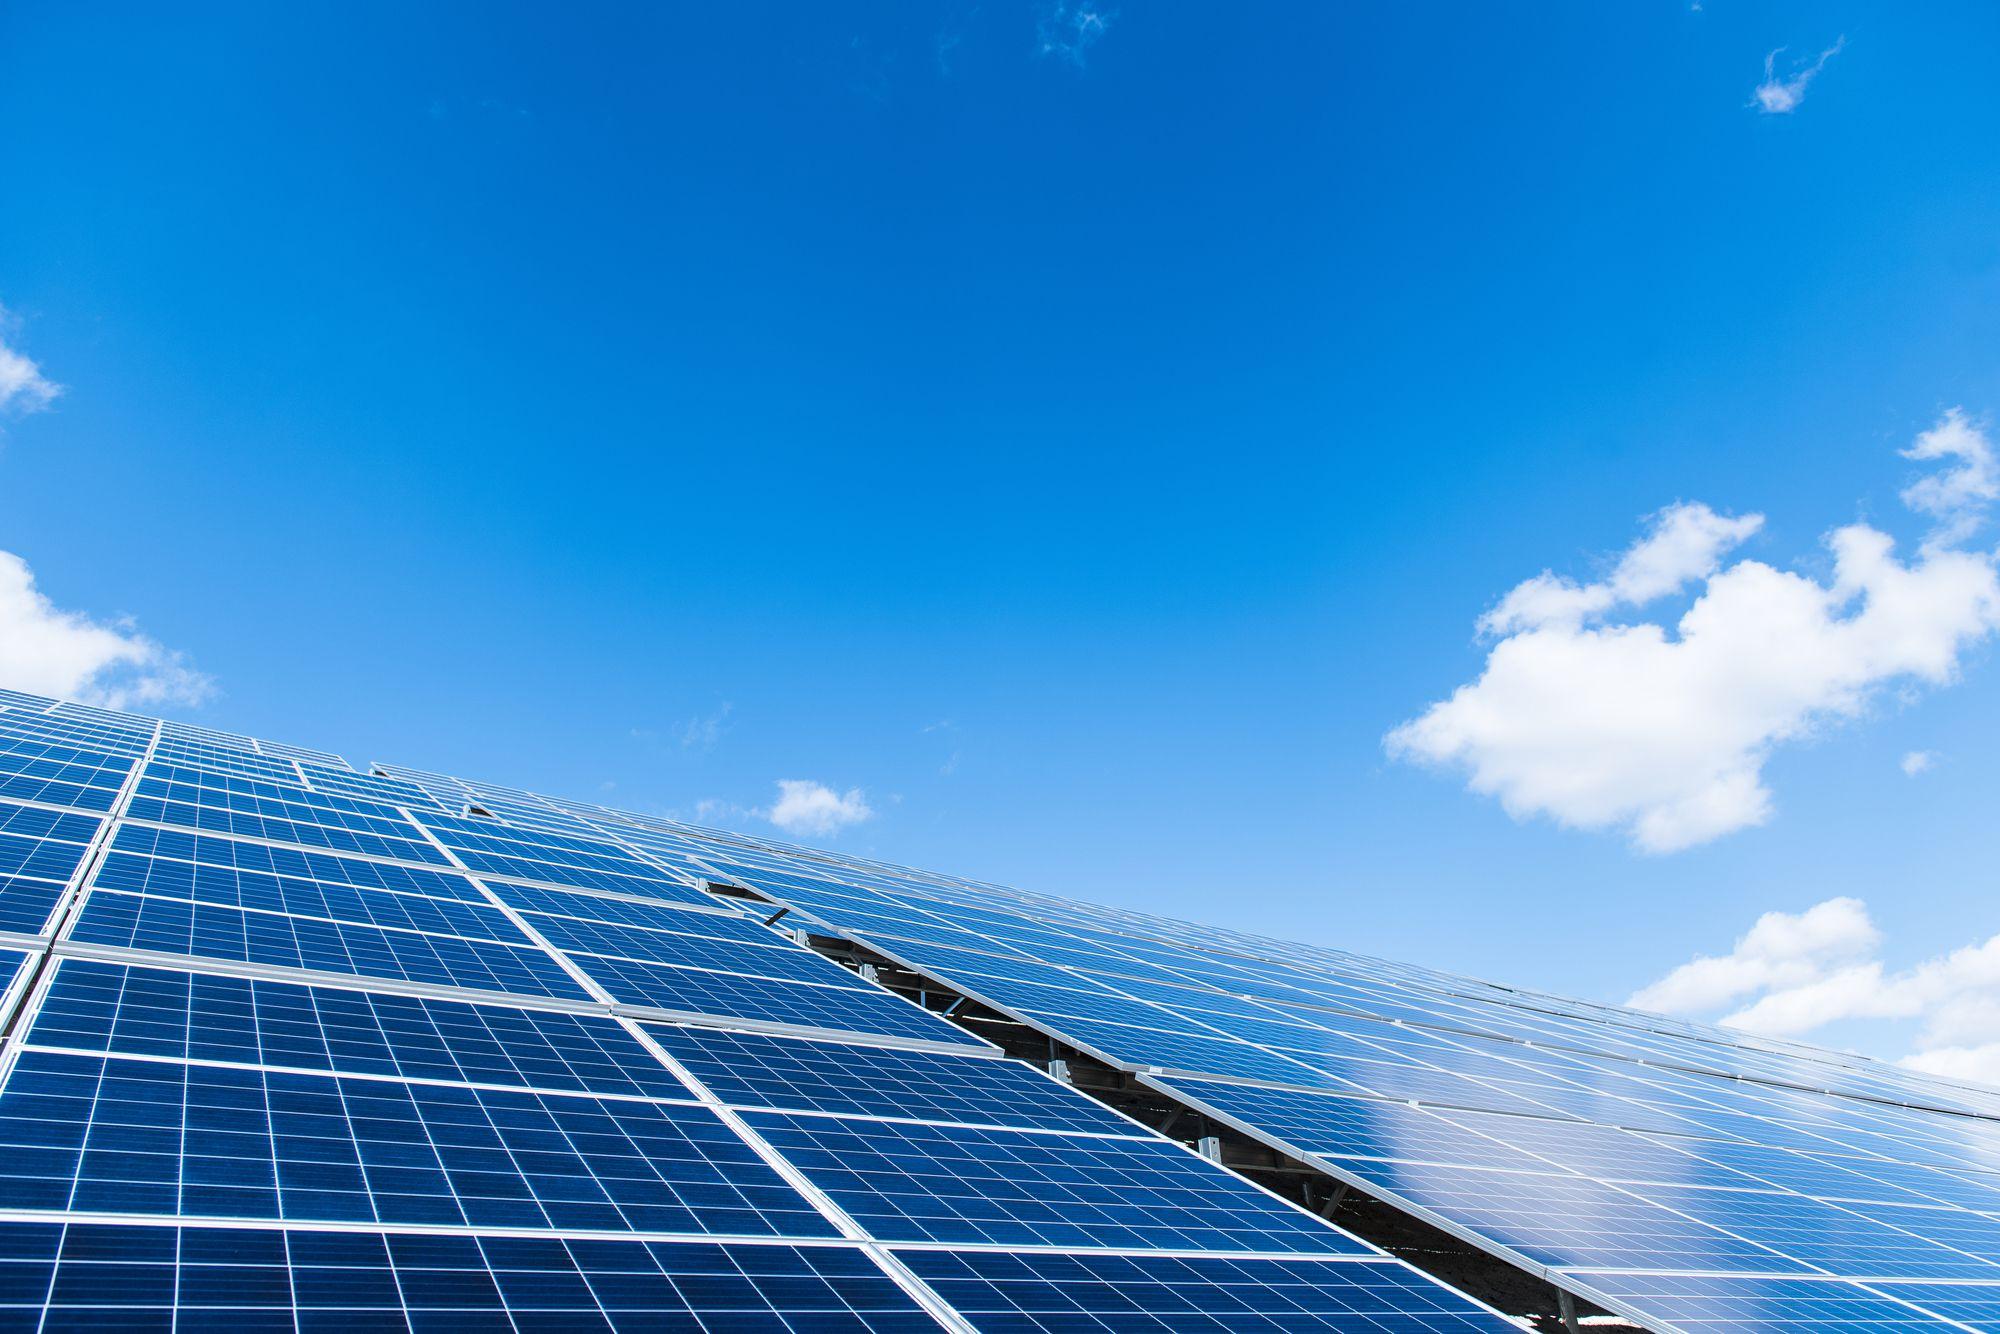 初心者のための投資マニュアル!太陽光発電投資のいろはをご紹介